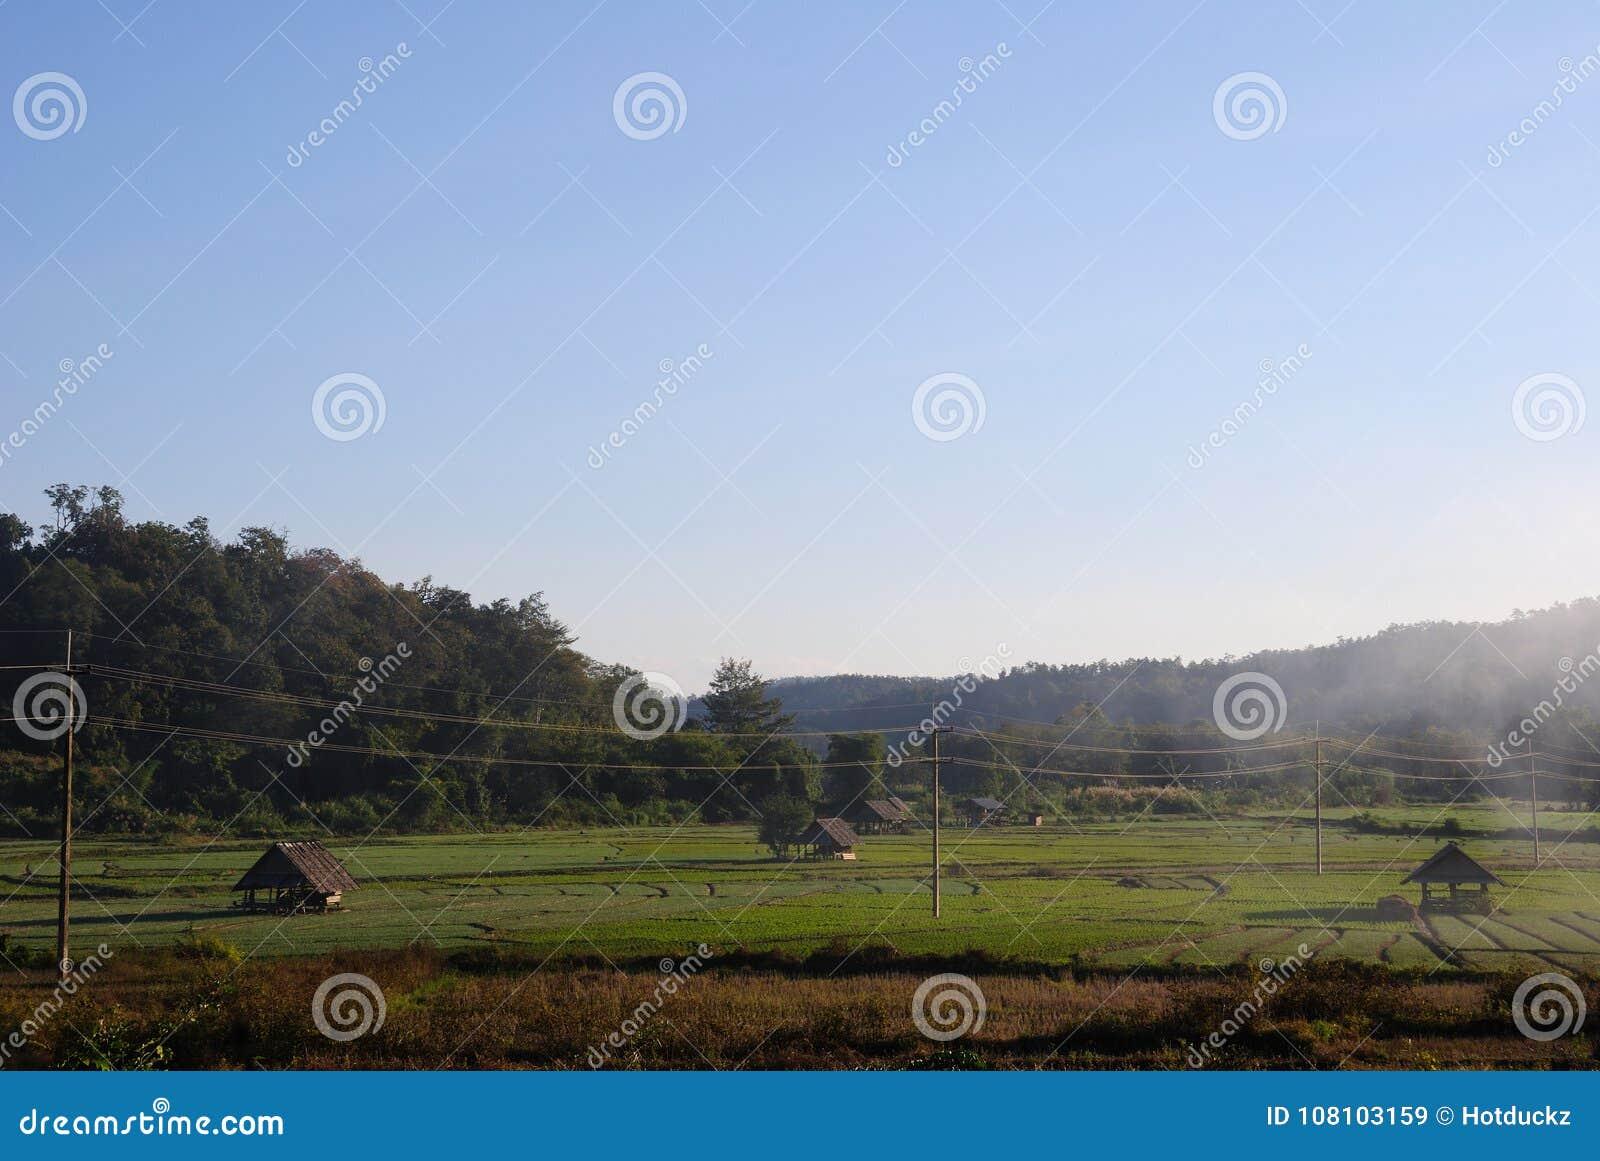 Padieveld en berg in platteland